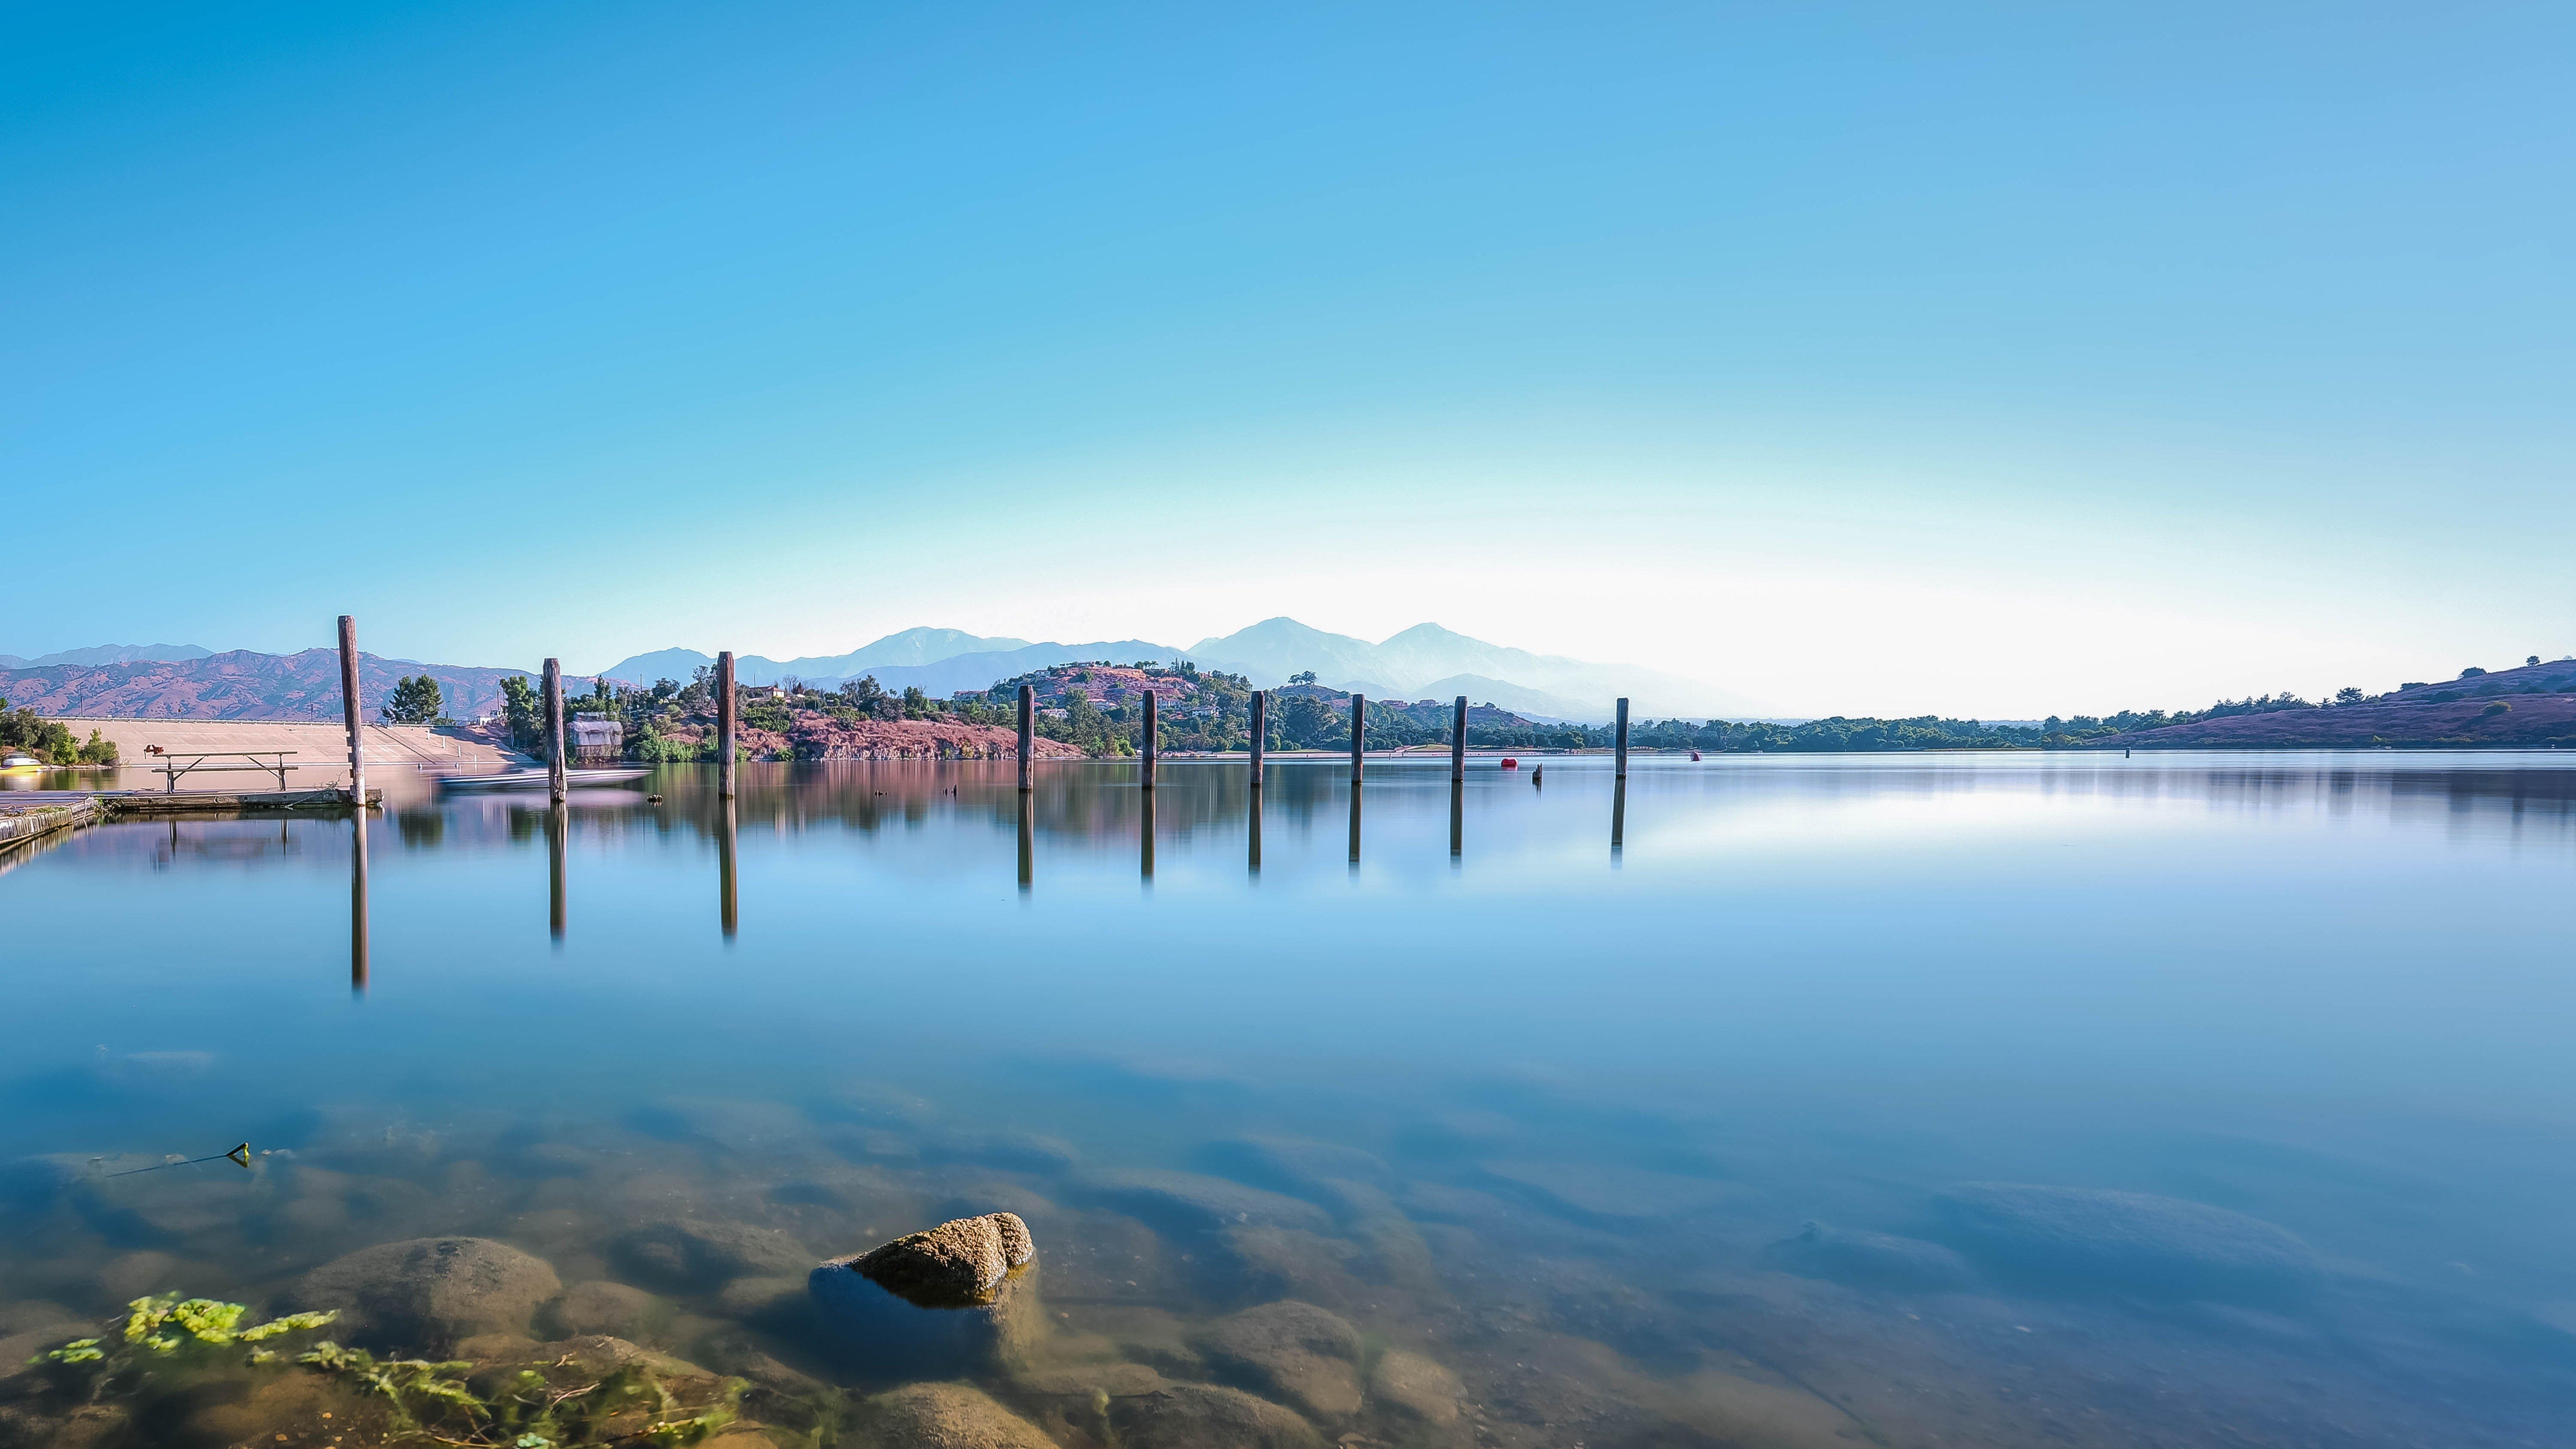 Fondos de pantalla Lago con montañas distantes